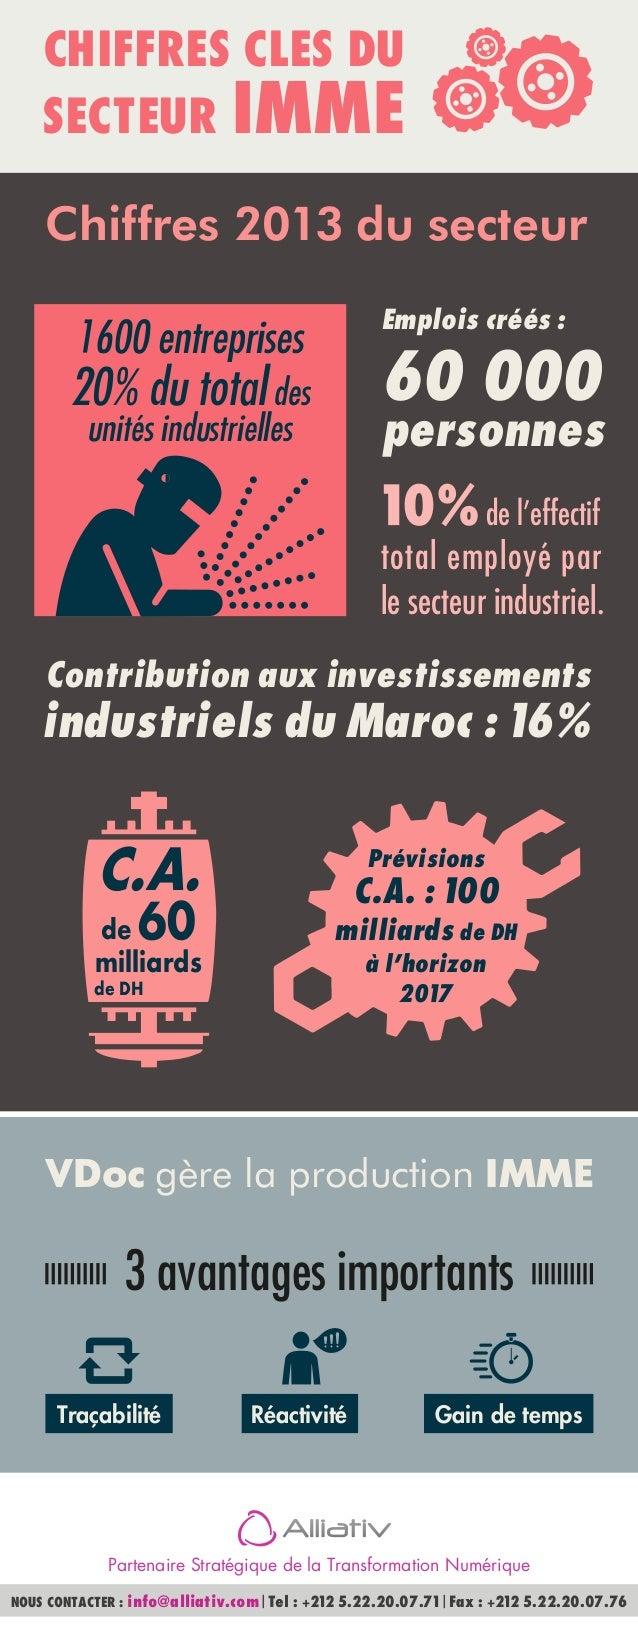 Contribution aux investissements industriels du Maroc : 16% C.A. de 60 milliards de DH Prévisions C.A. : 100 milliards de ...